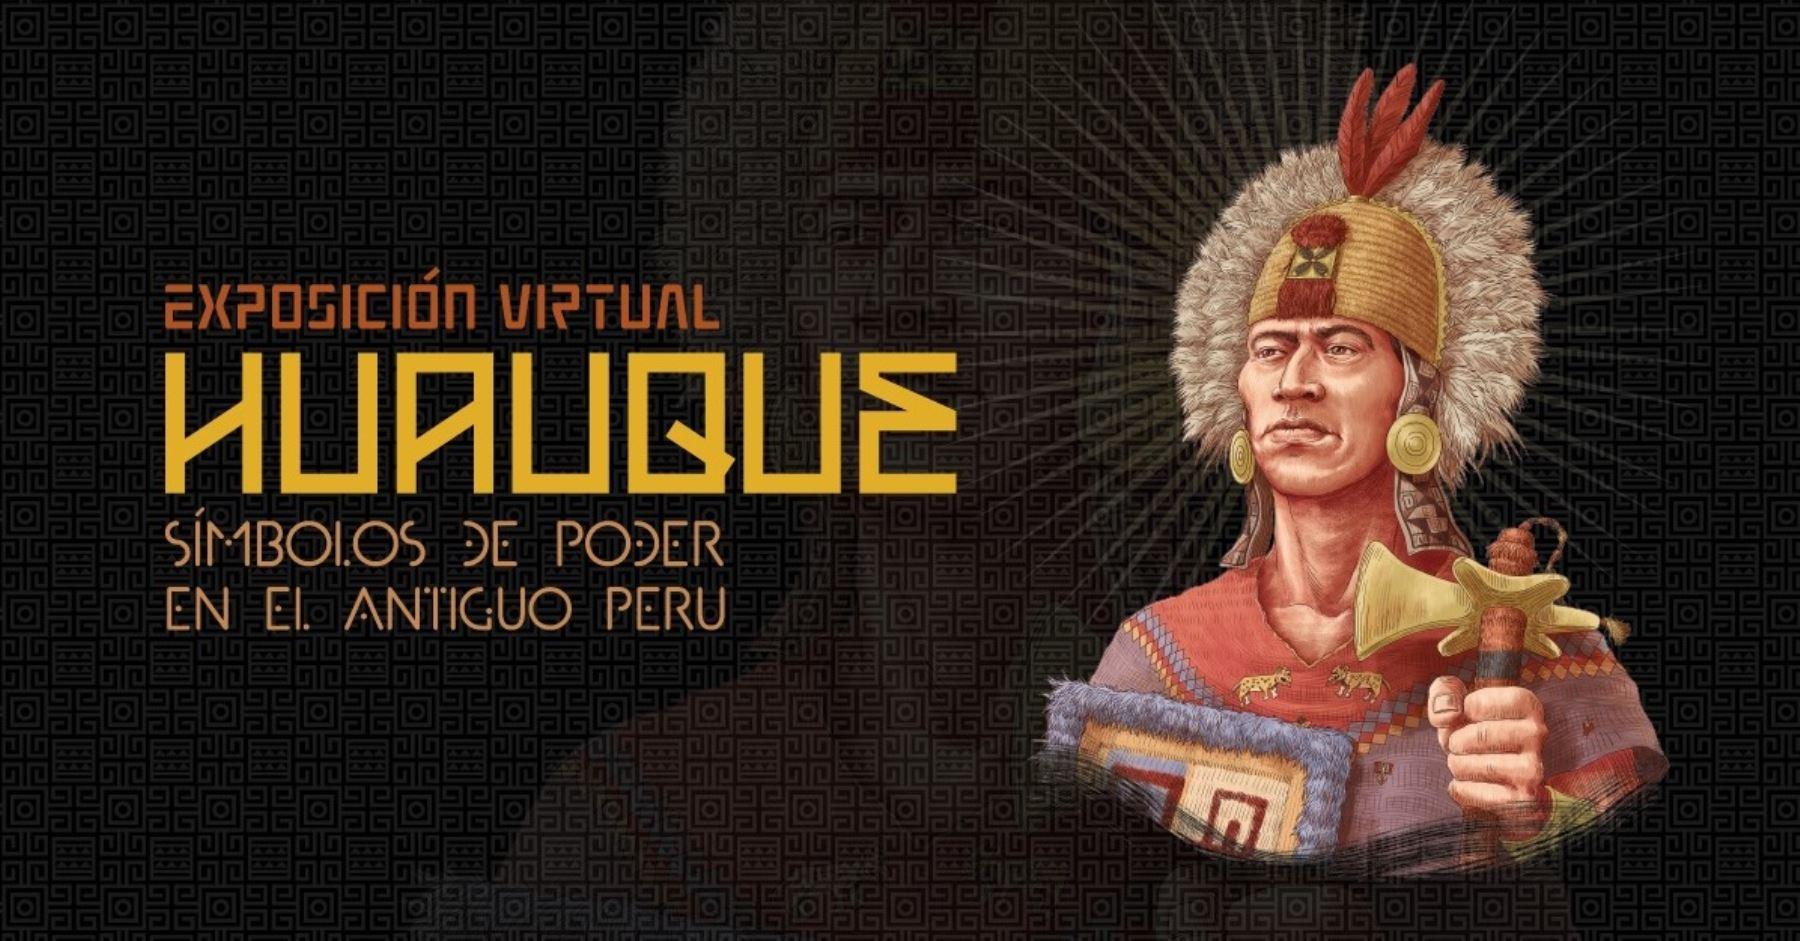 PetroPerú presenta exposición histórica sobre los símbolos del poder en el Antiguo Perú